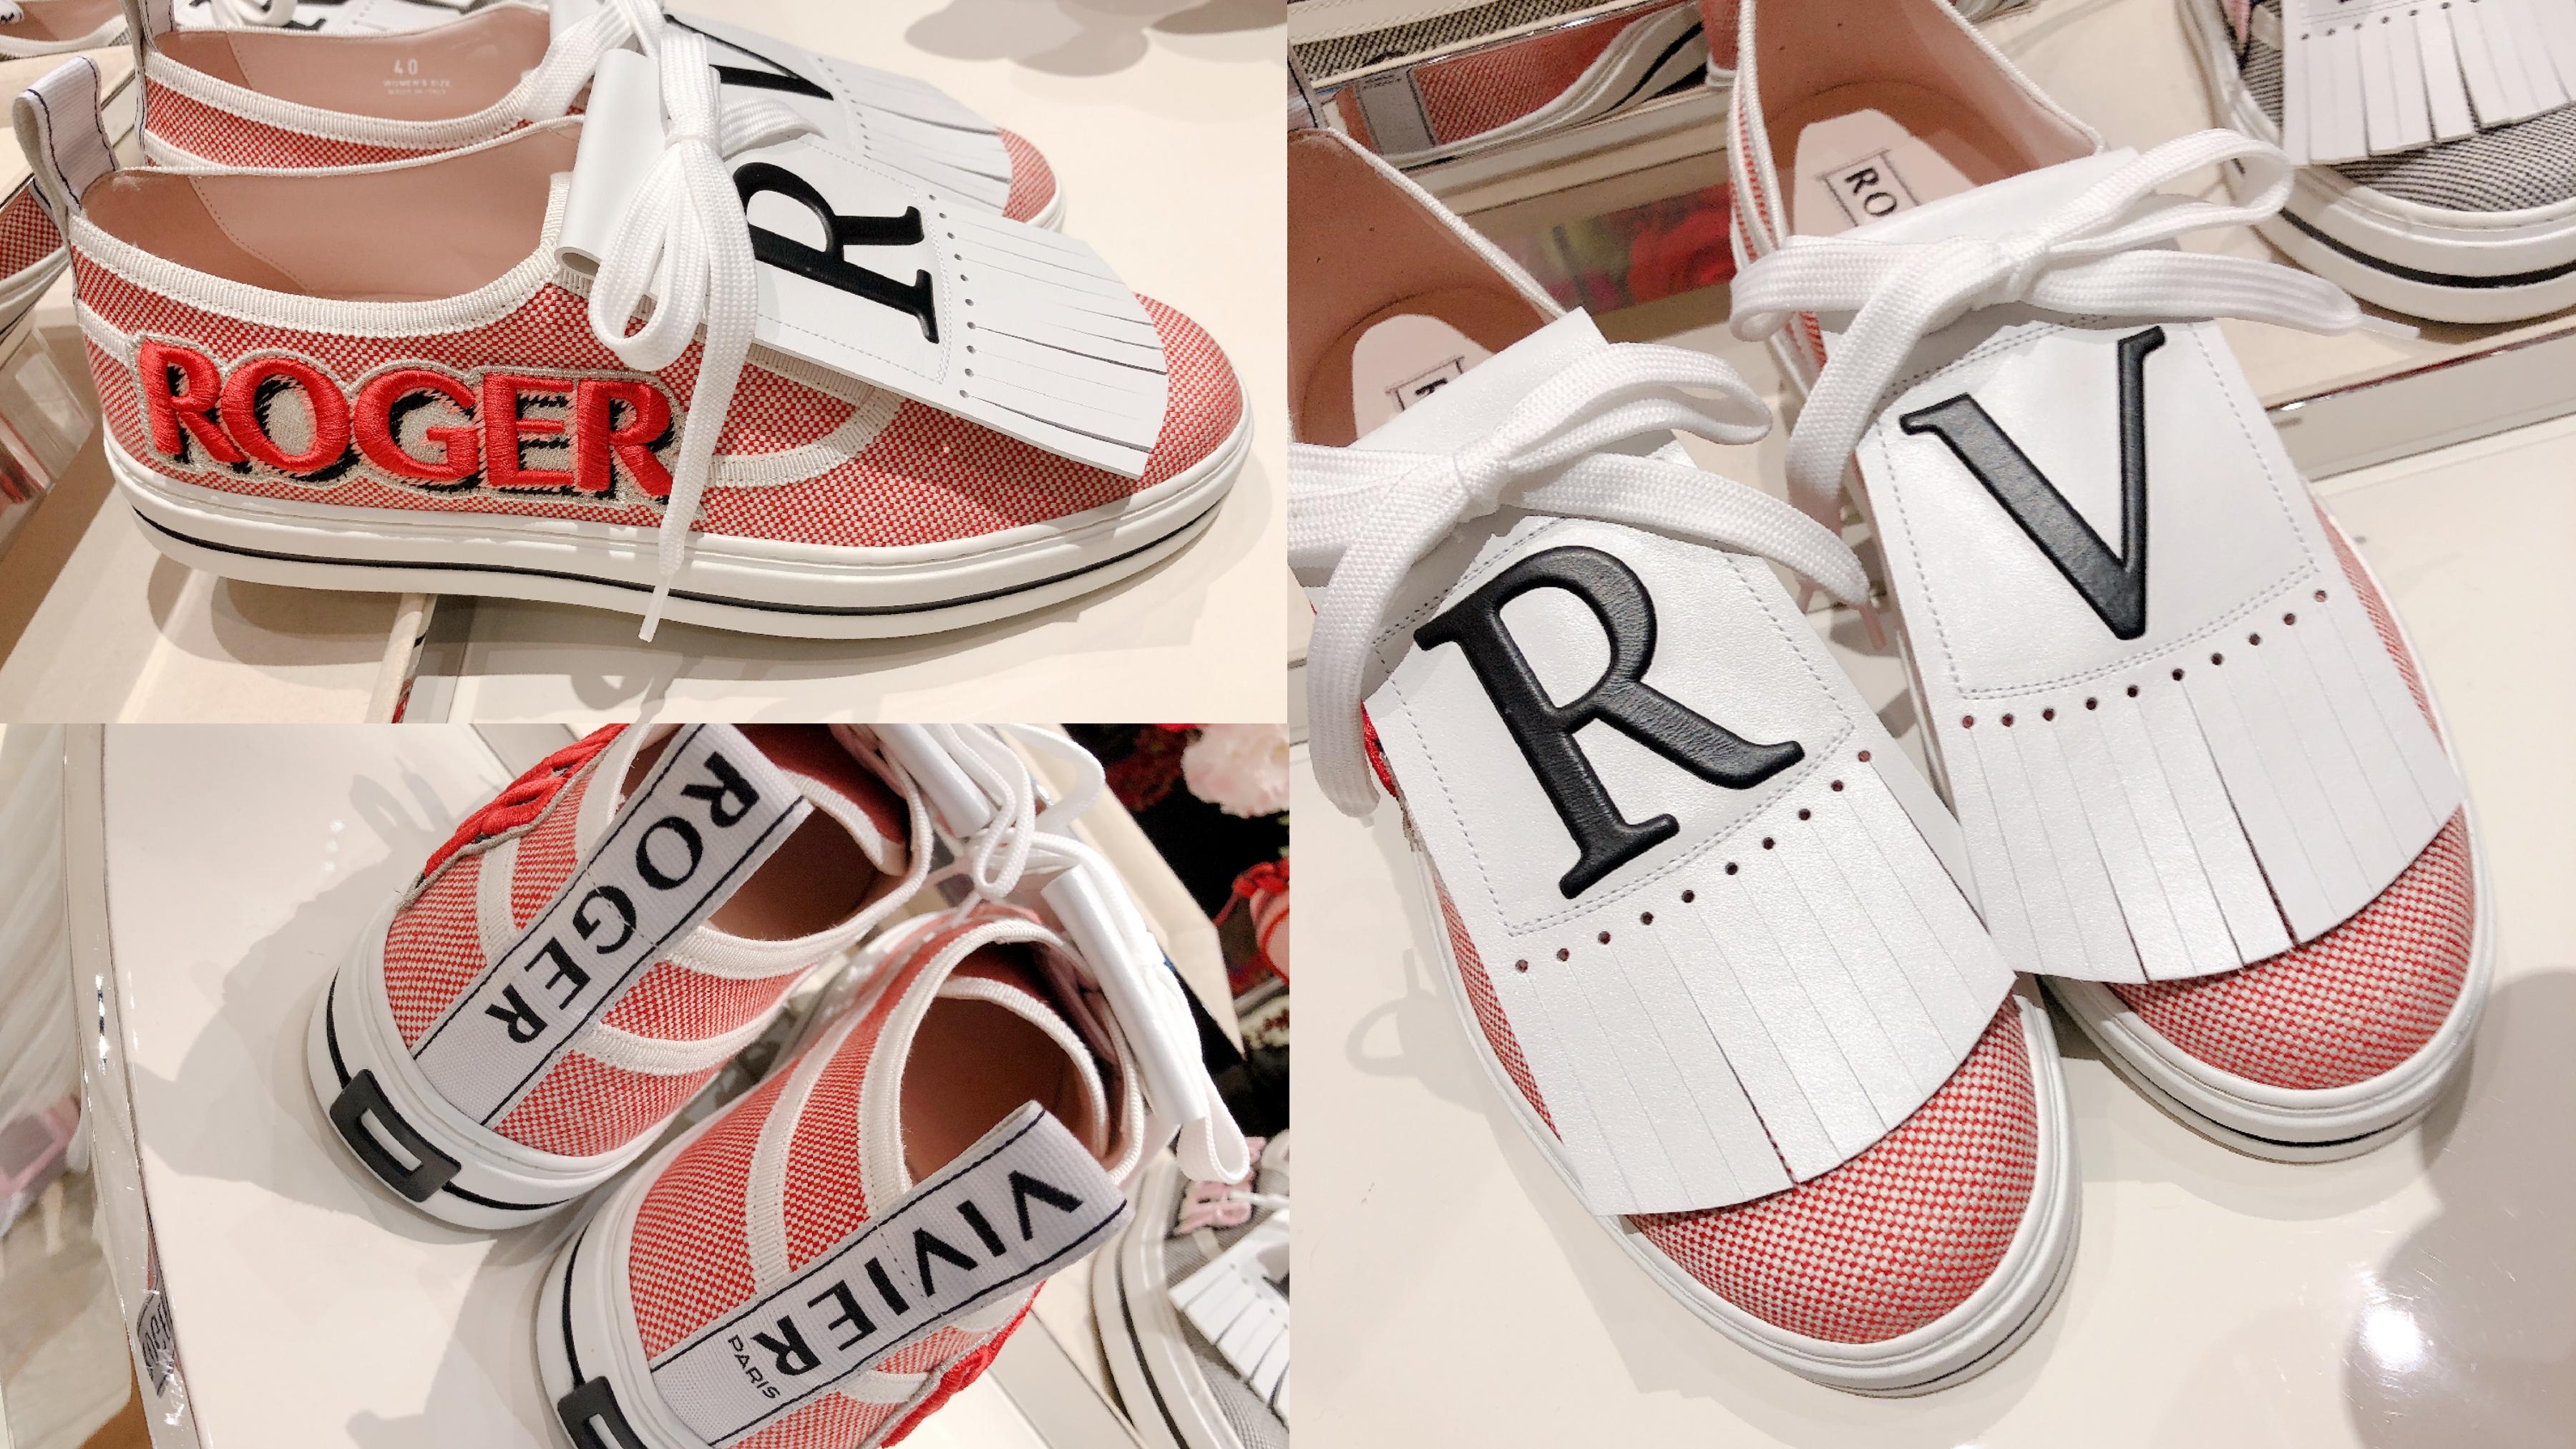 休閒鞋款以帆布布料打造,鞋面附有可拆卸式「RV」字樣皮革流蘇